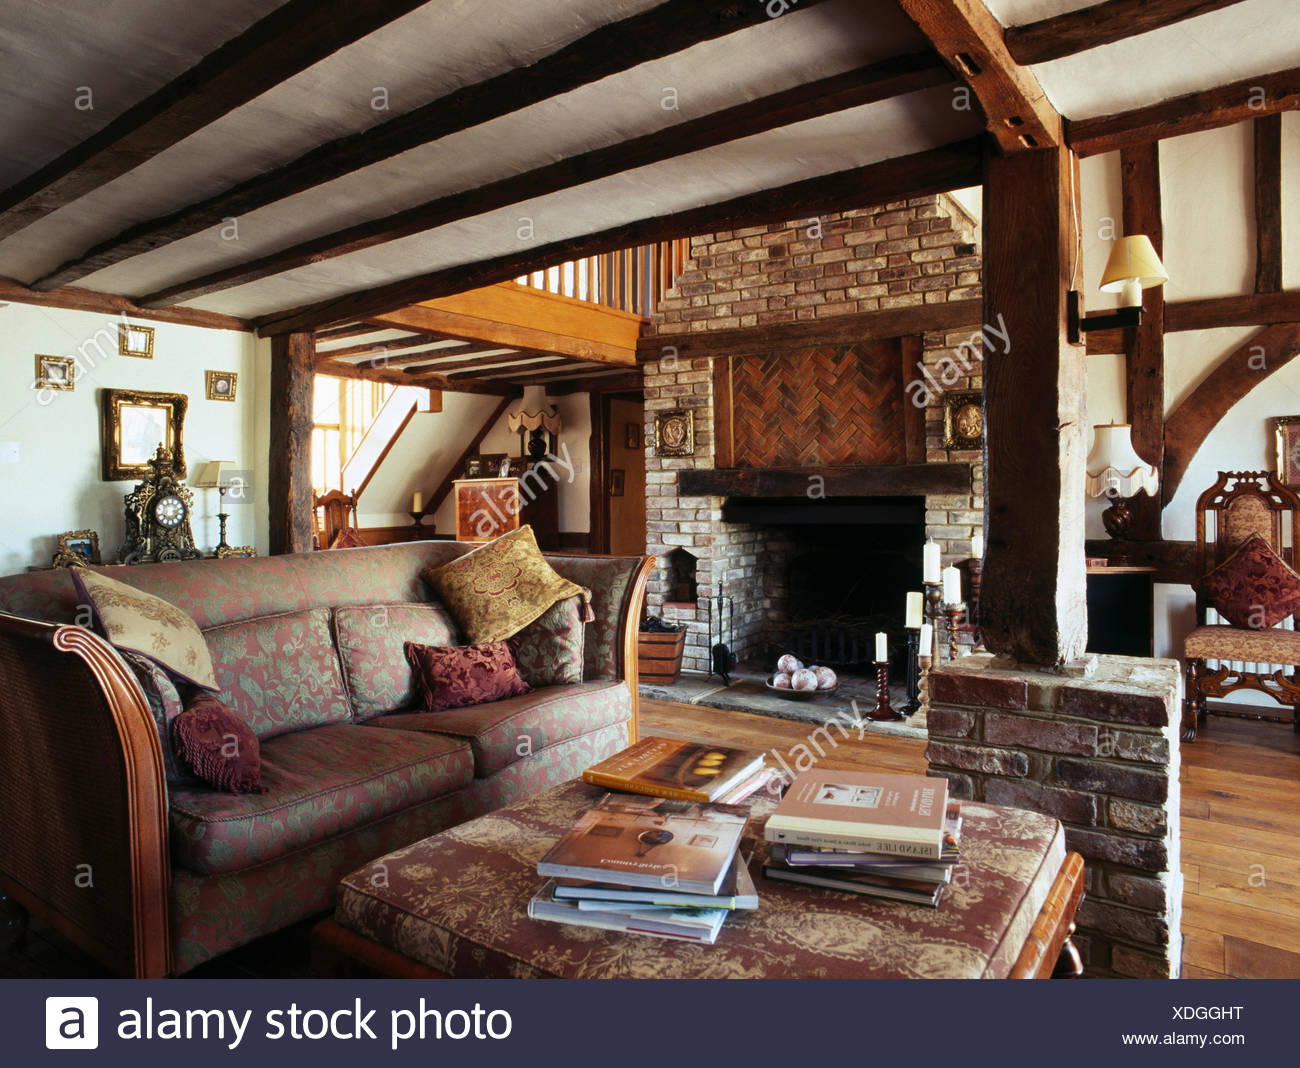 Modellato divano in soggiorno con caminetto in mattoni e ...